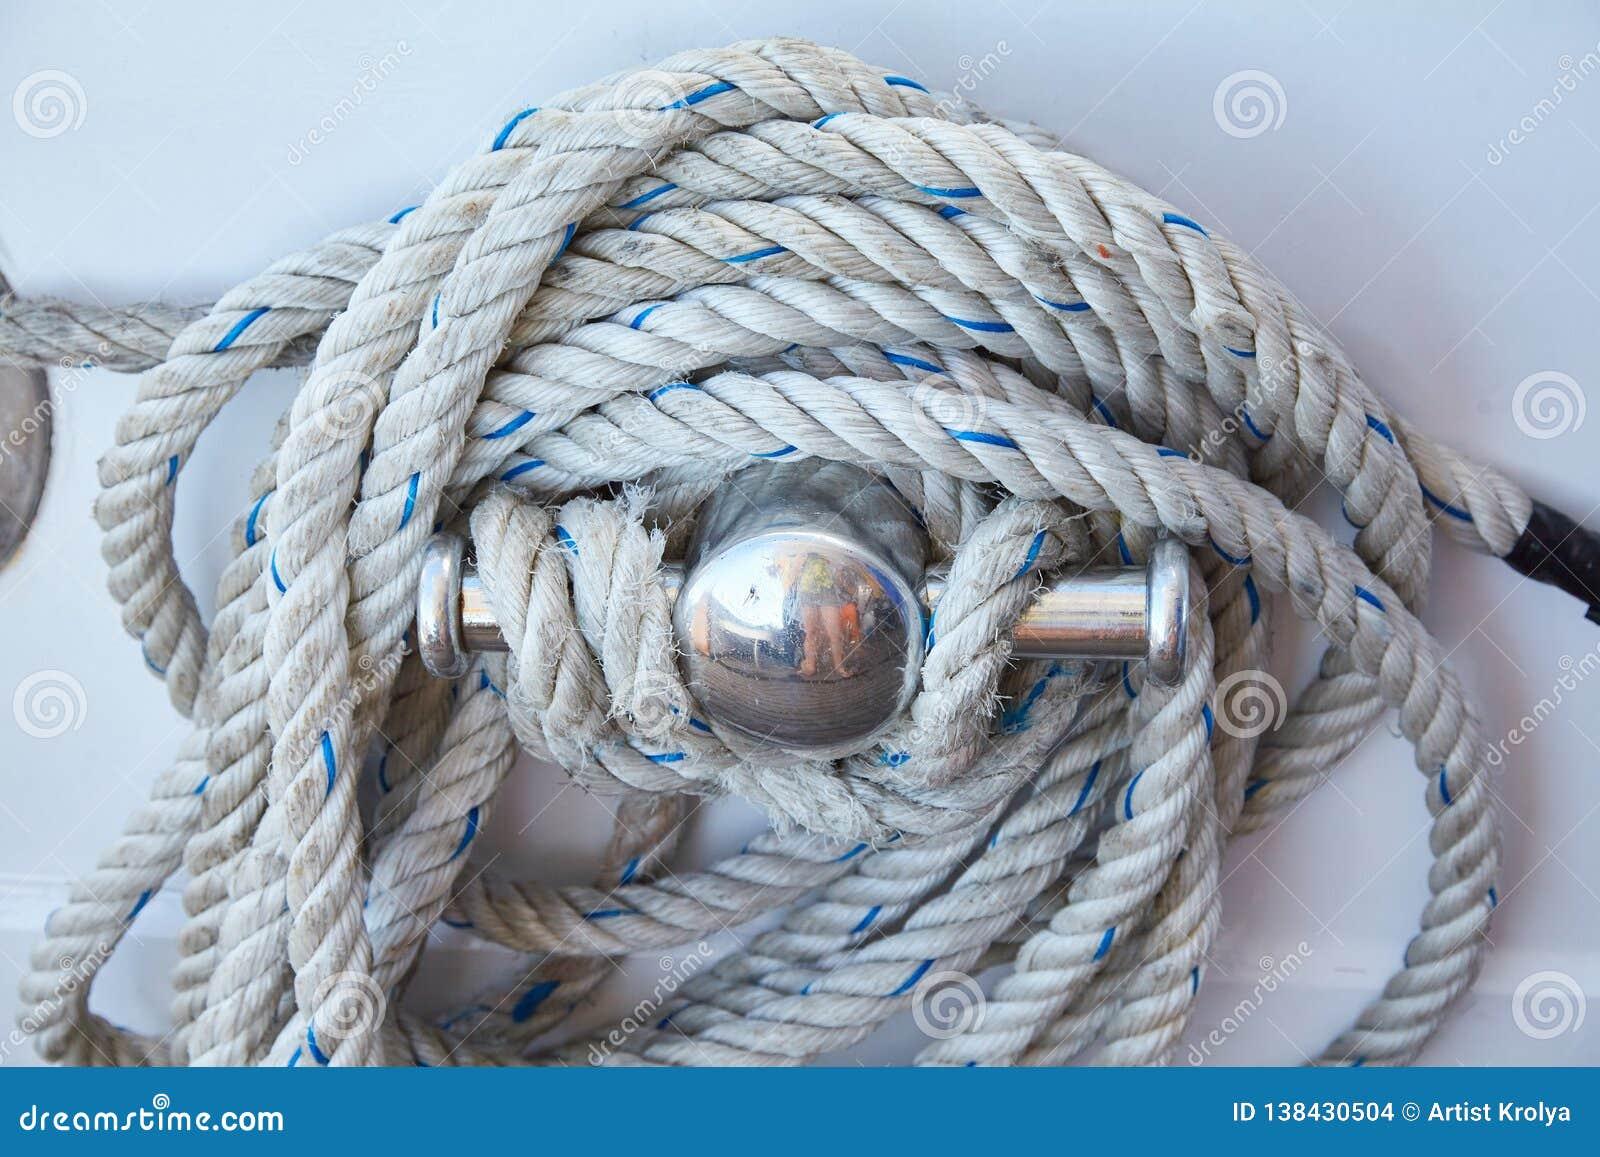 Cuerda blanca arrollada en una cubierta de barcos de madera